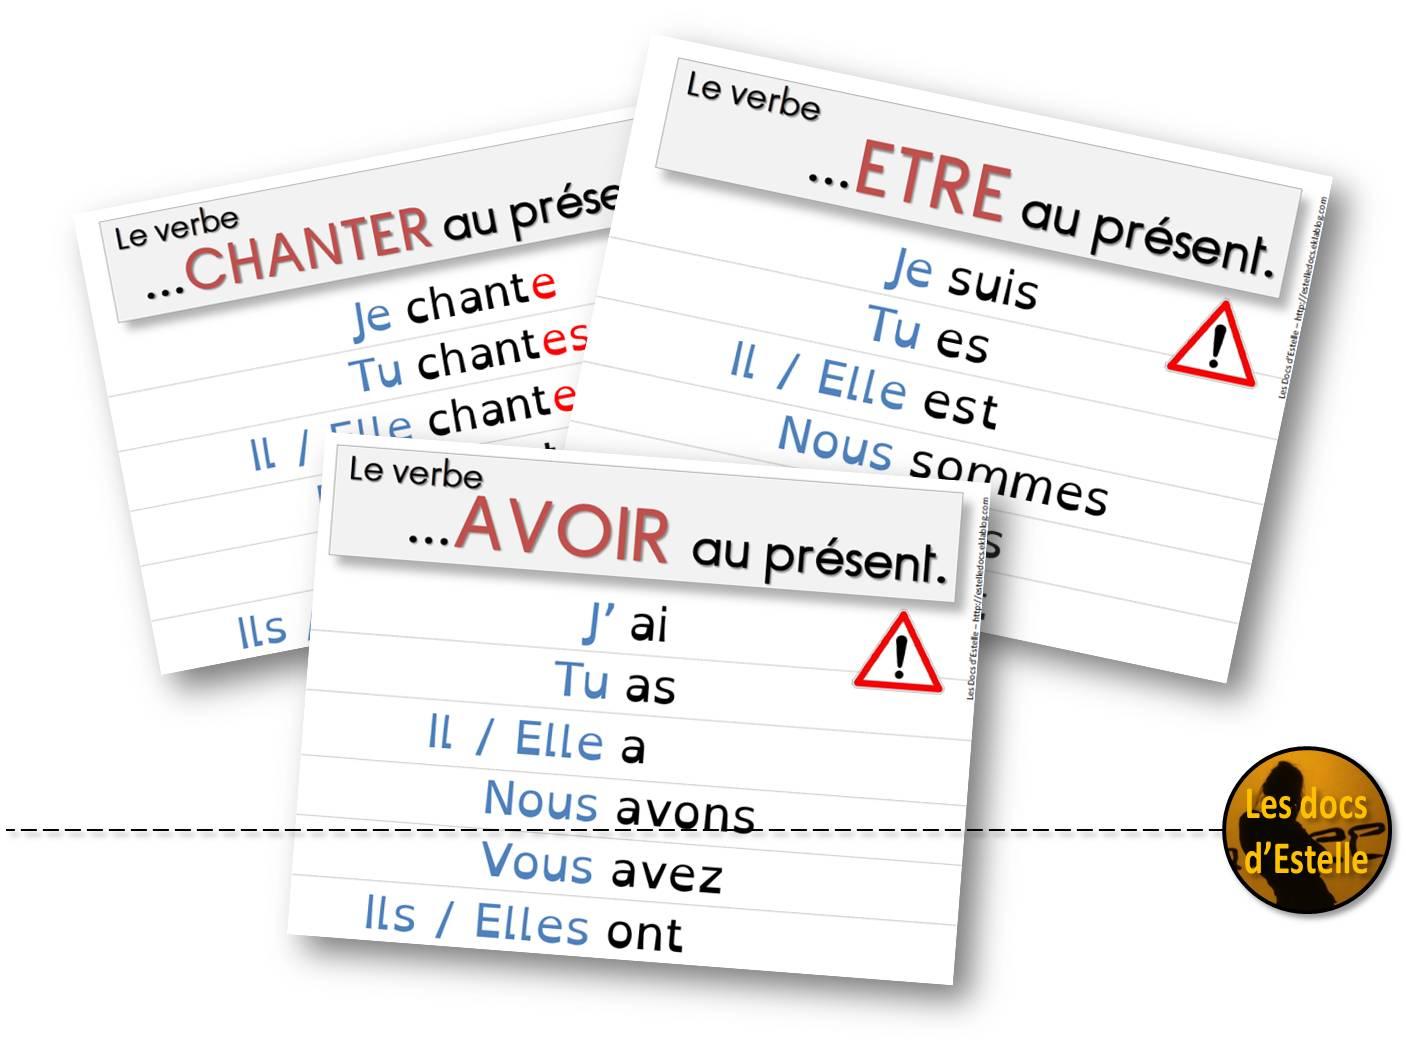 Le Present Des Verbes Chanter Etre Et Avoir Les Docs D Estelle